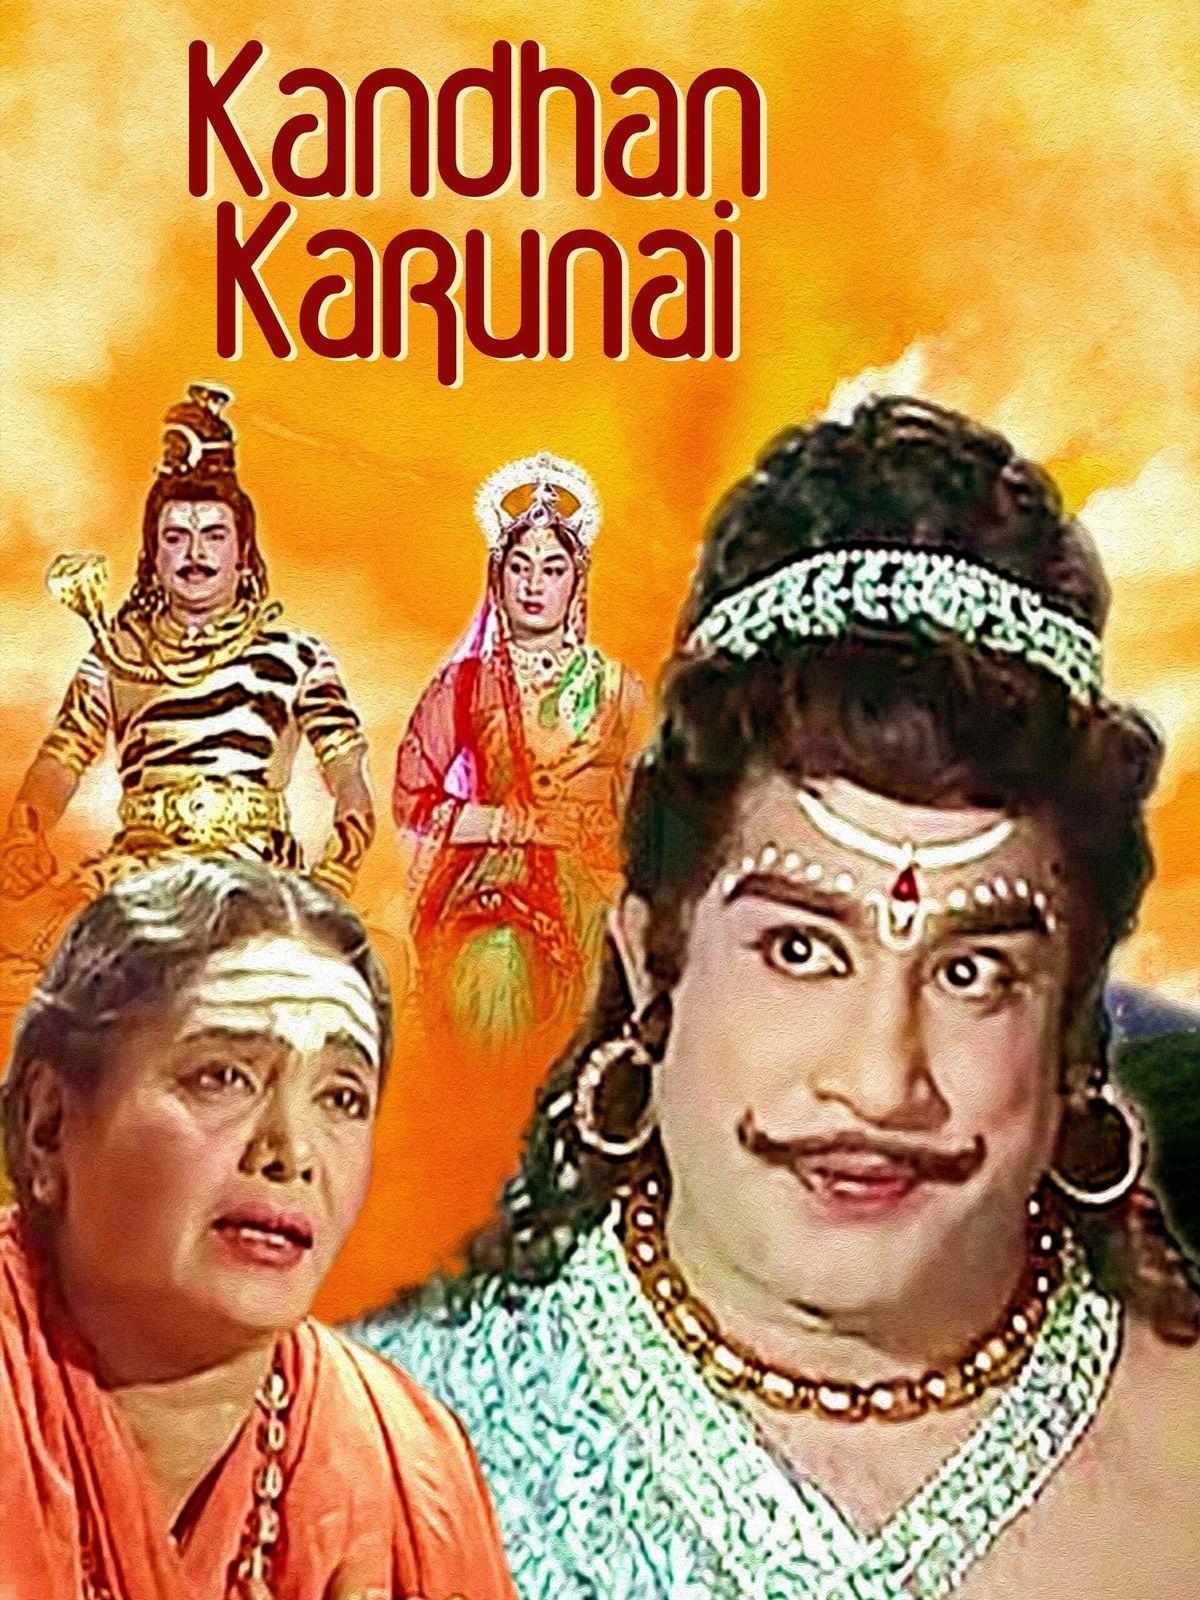 Kandhan Karunai